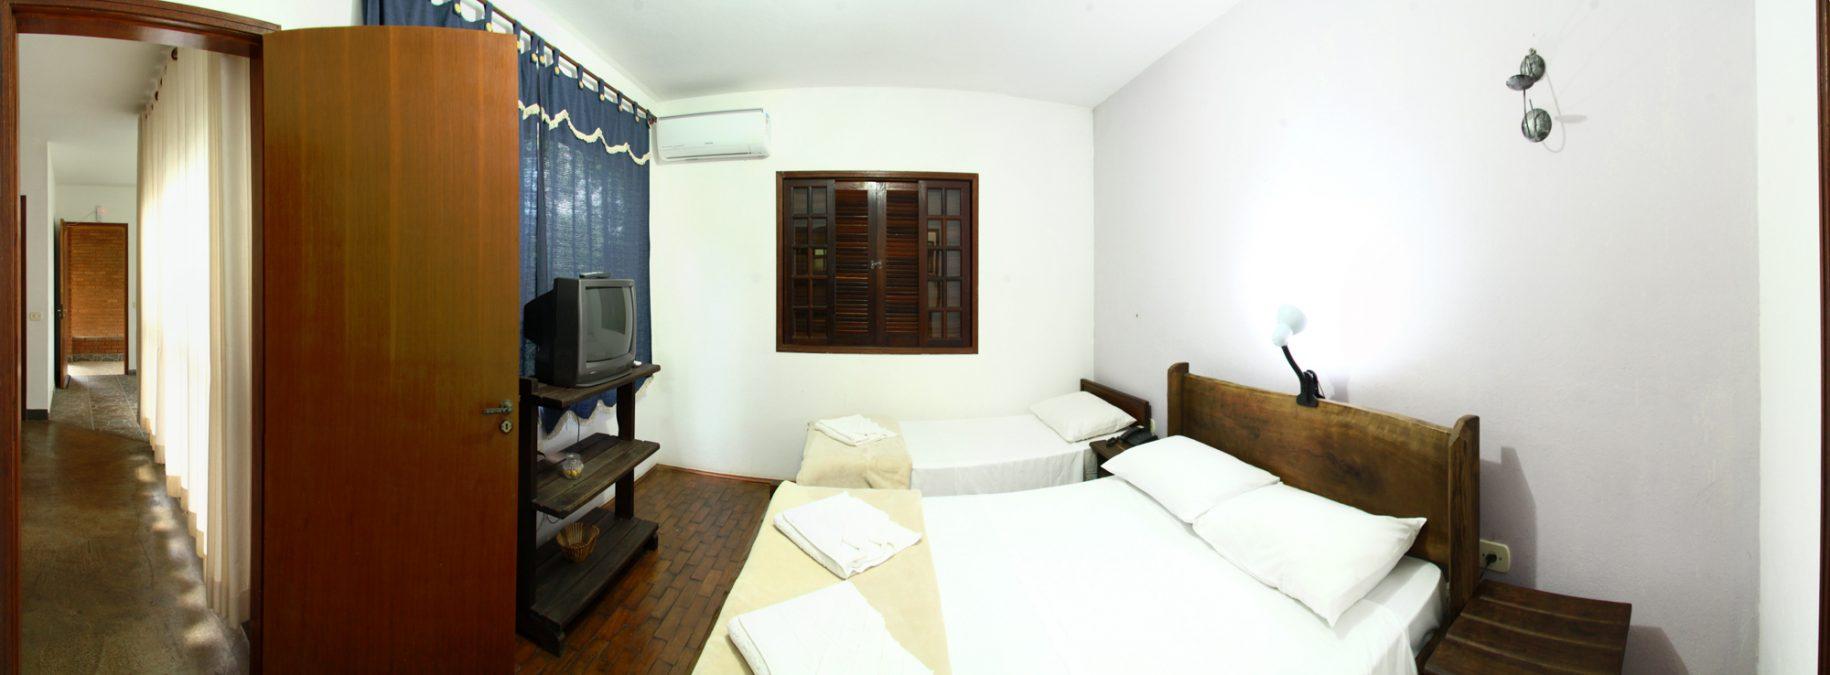 Quarto de um dos chalés do hotel fazenda parque dos sonhos com televisão e ar condicionado quente e frio